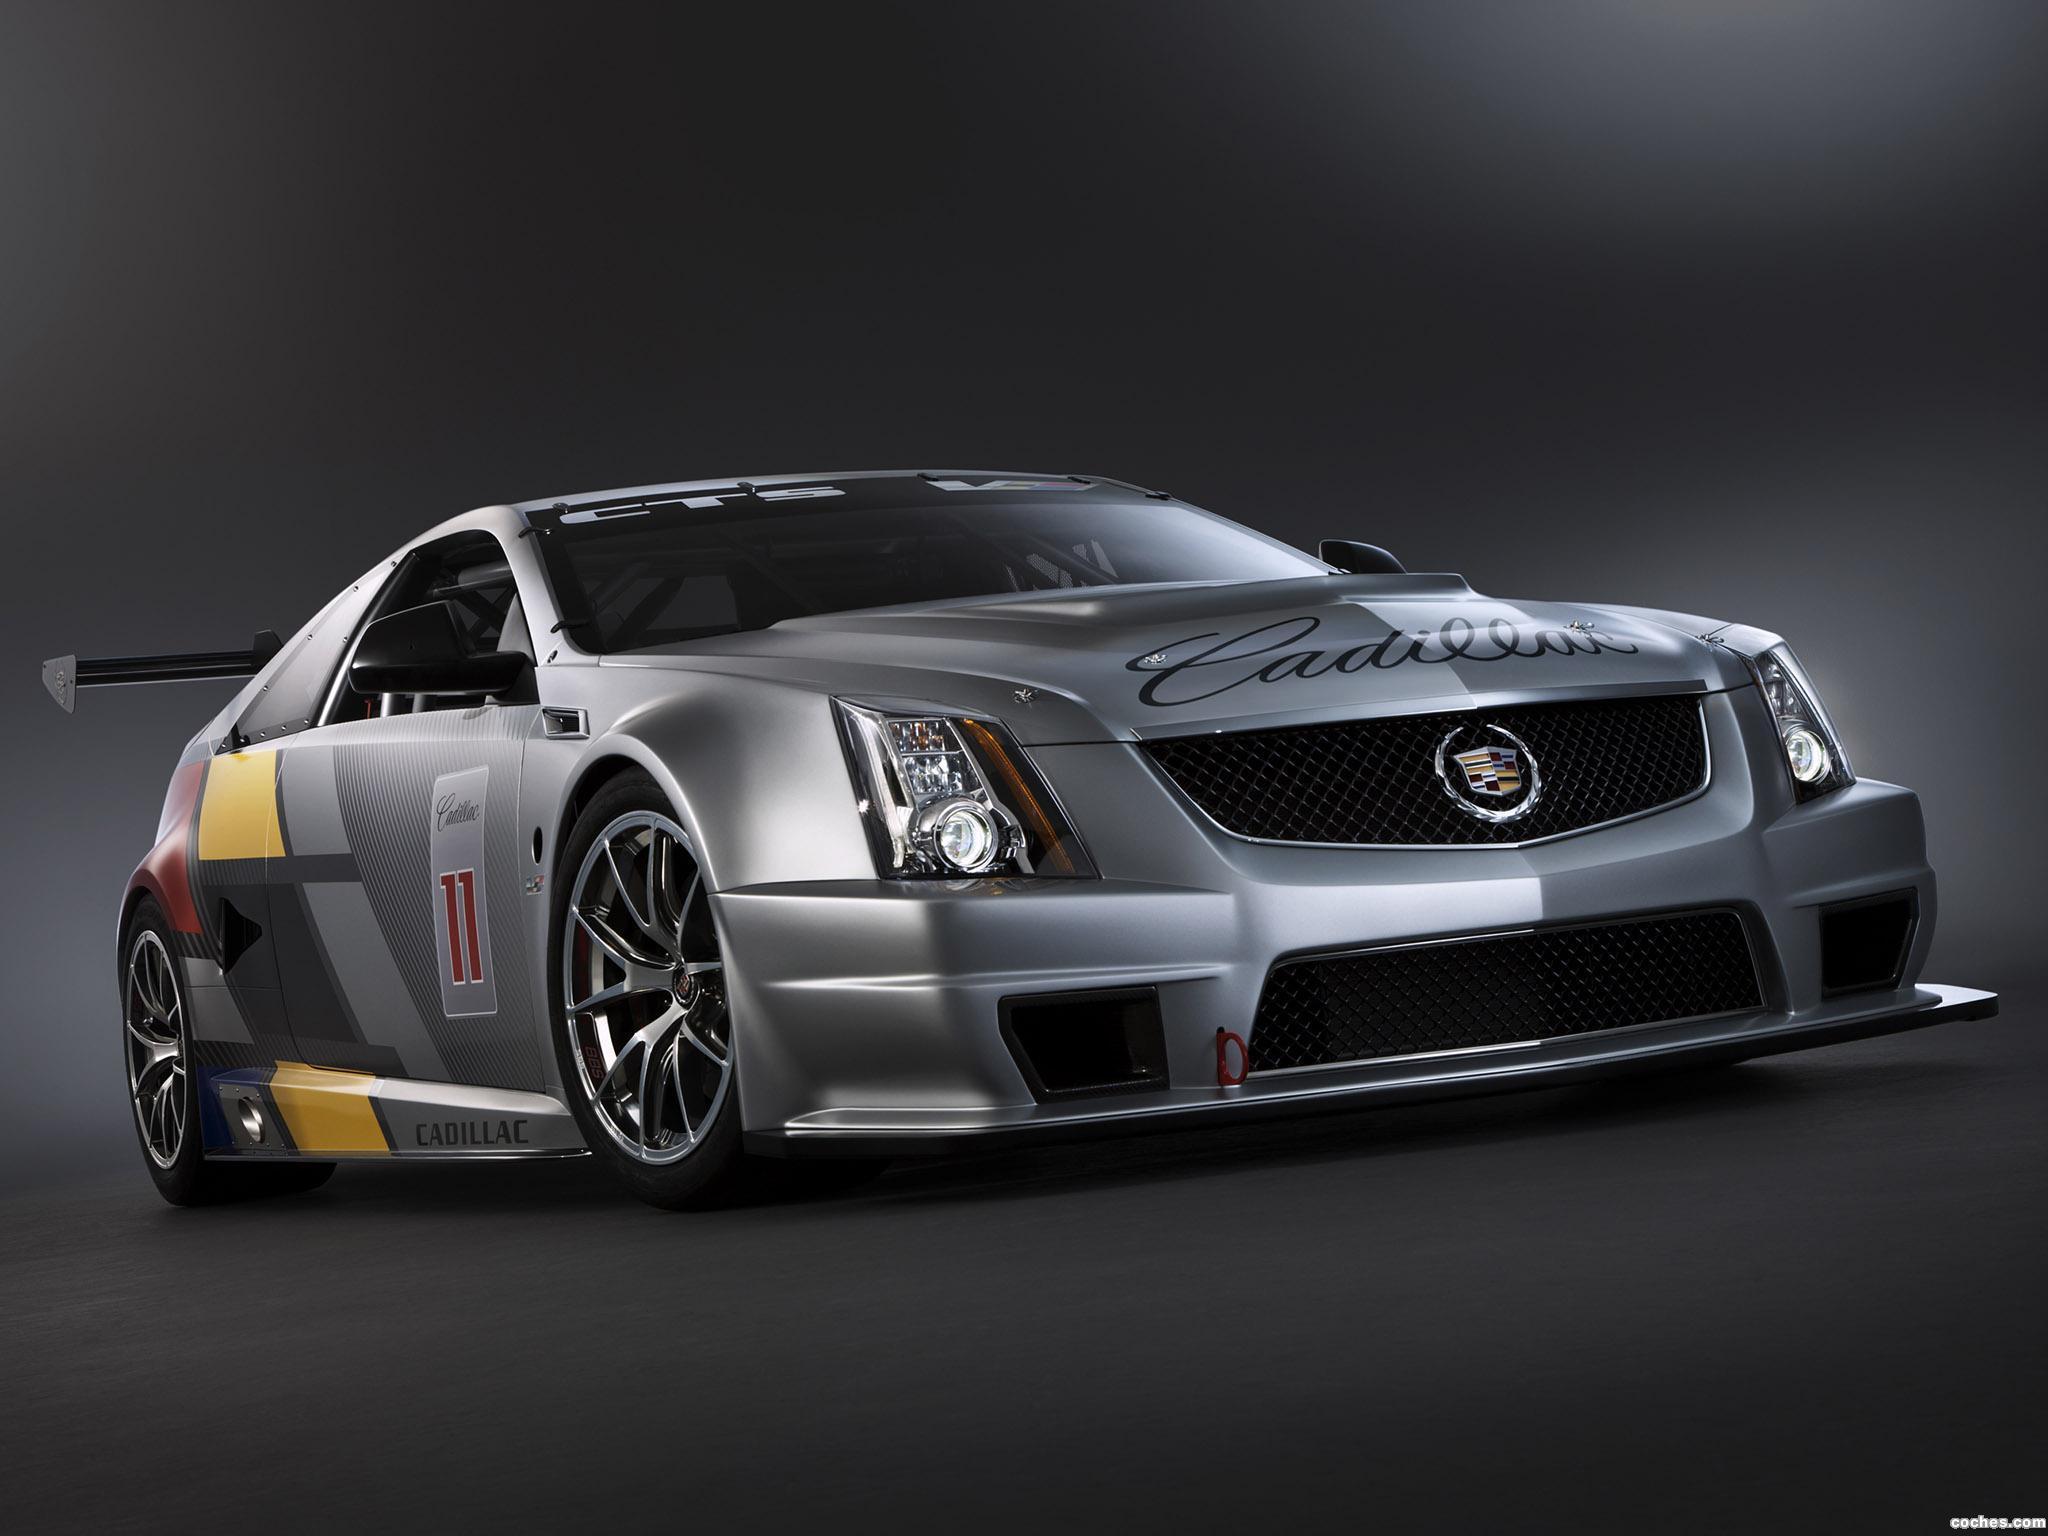 Foto 0 de Cadillac CTS-V SCCA Race Car 2011